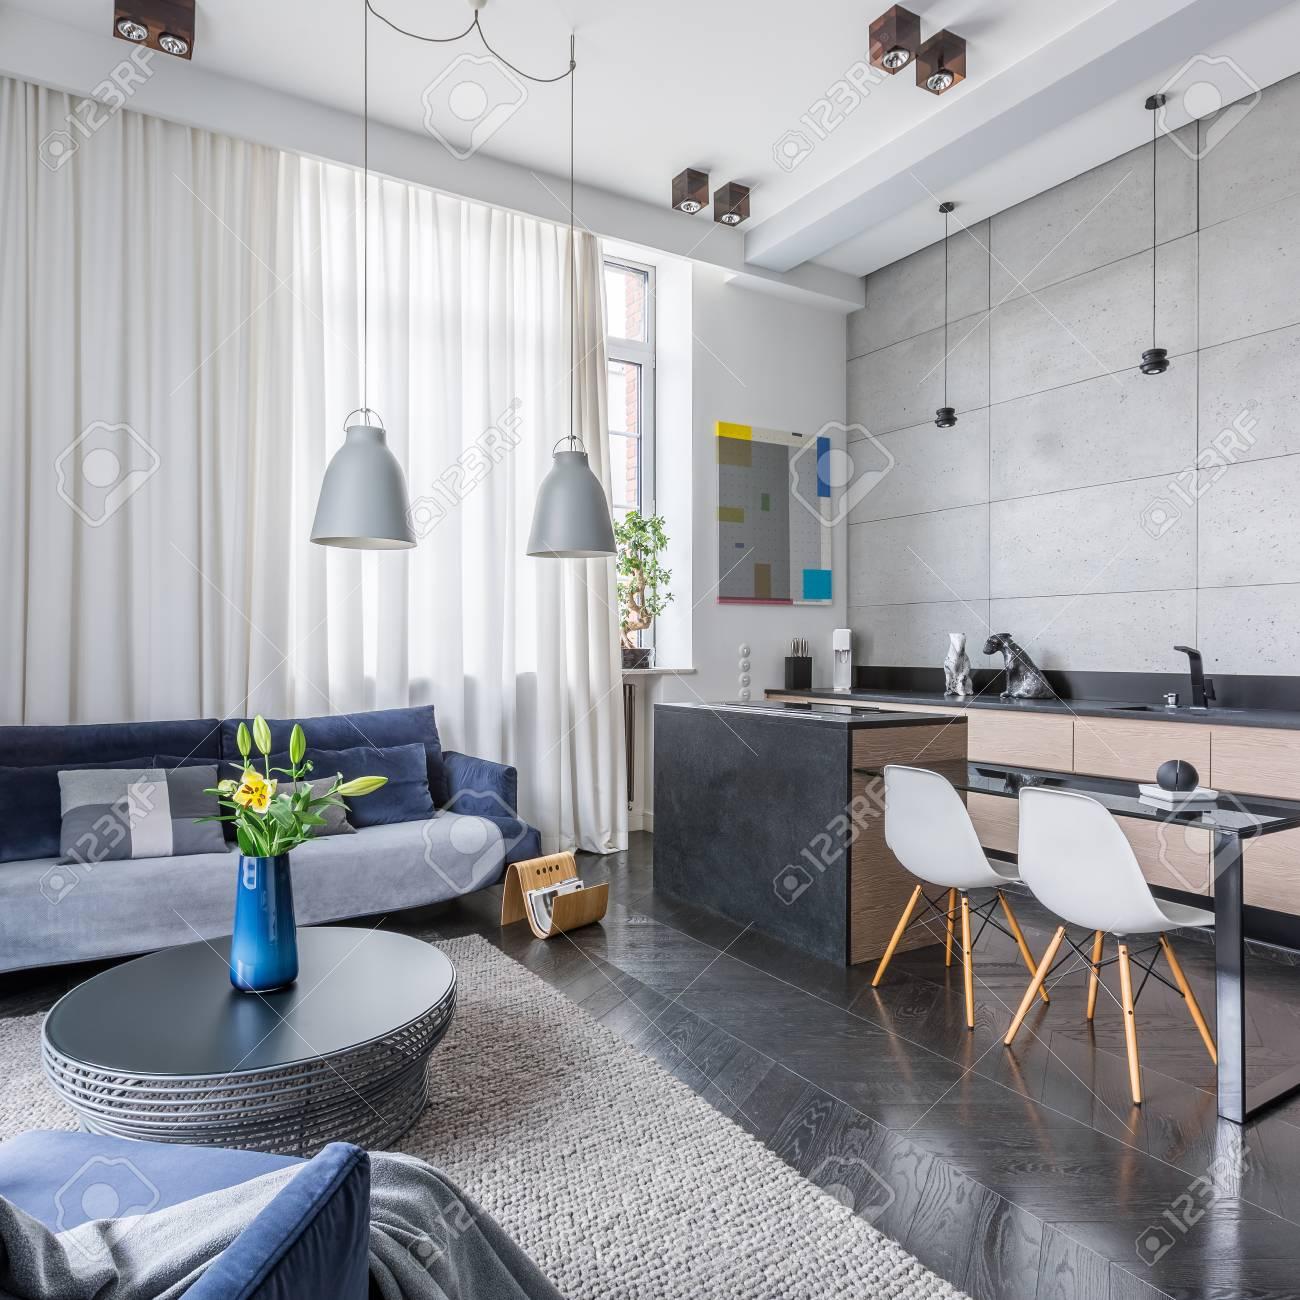 New Style Multifunktionale Wohnung Mit Wohnzimmer Und Küche